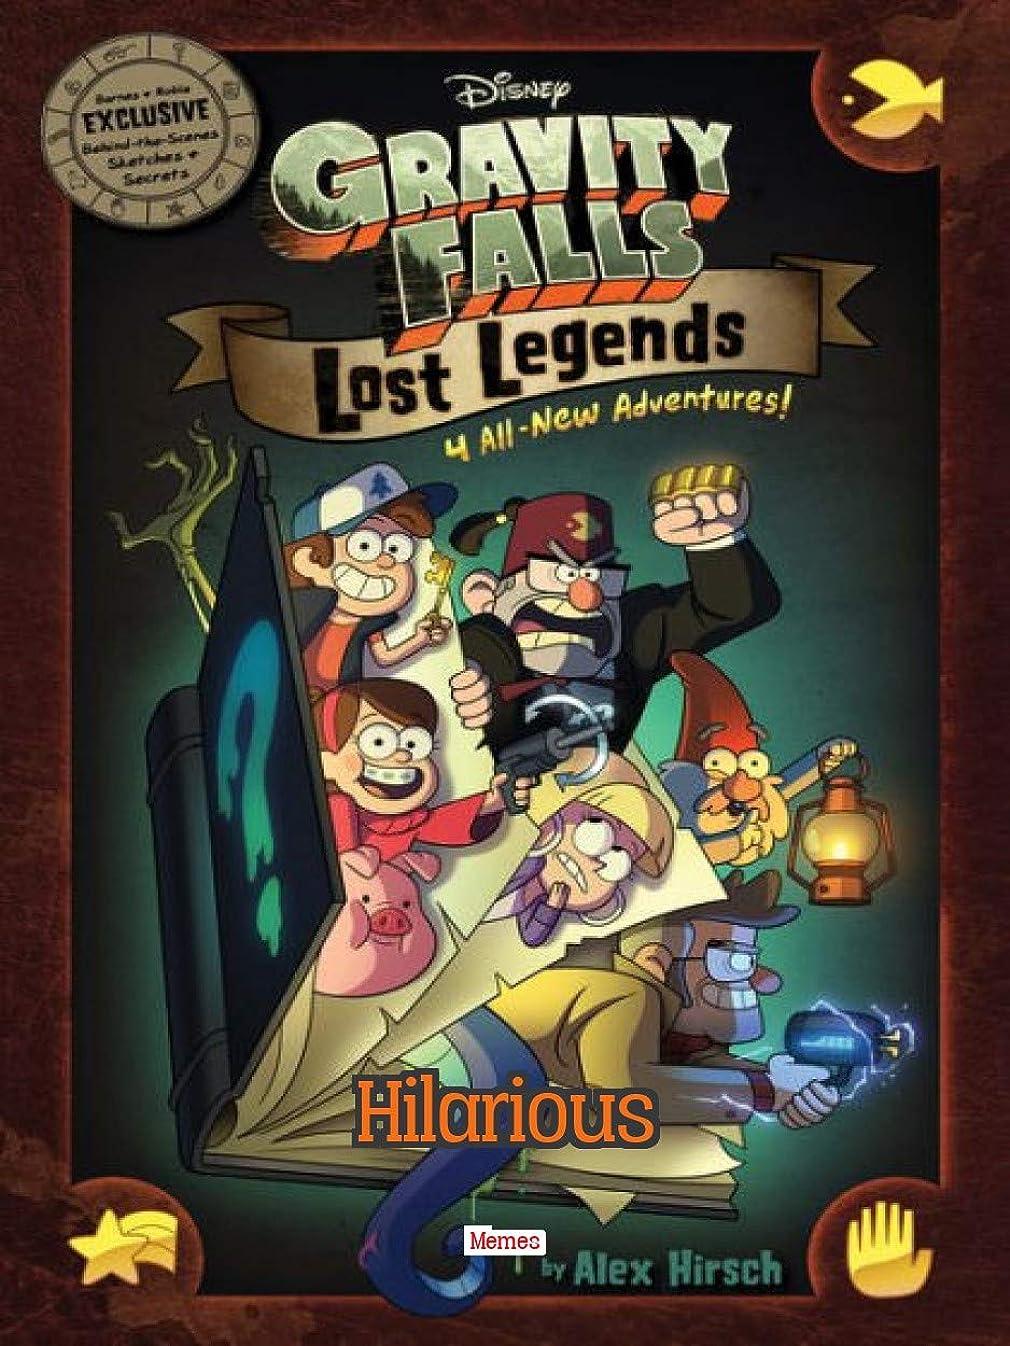 悪行風味疑わしいThe Funny Gravity Falls memes (English Edition)